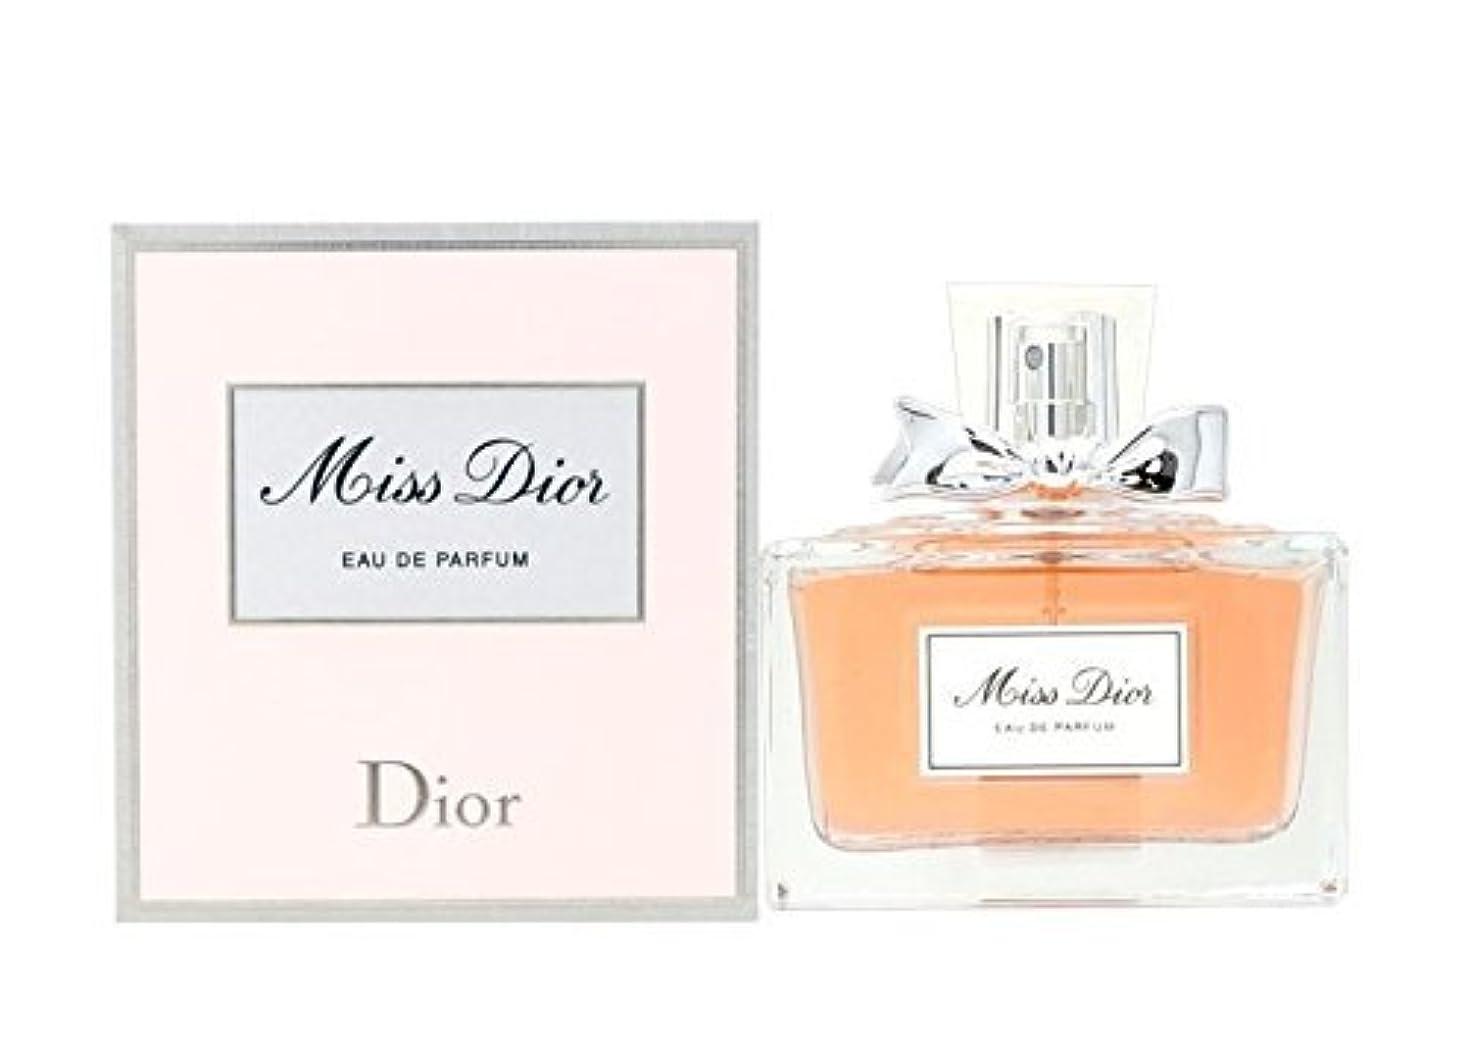 見物人画家見えるクリスチャンディオール Christian Dior ミス ディオール オードパルファム 100ml DIOR EDP レディース 香水 (香水/コスメ) [並行輸入品]